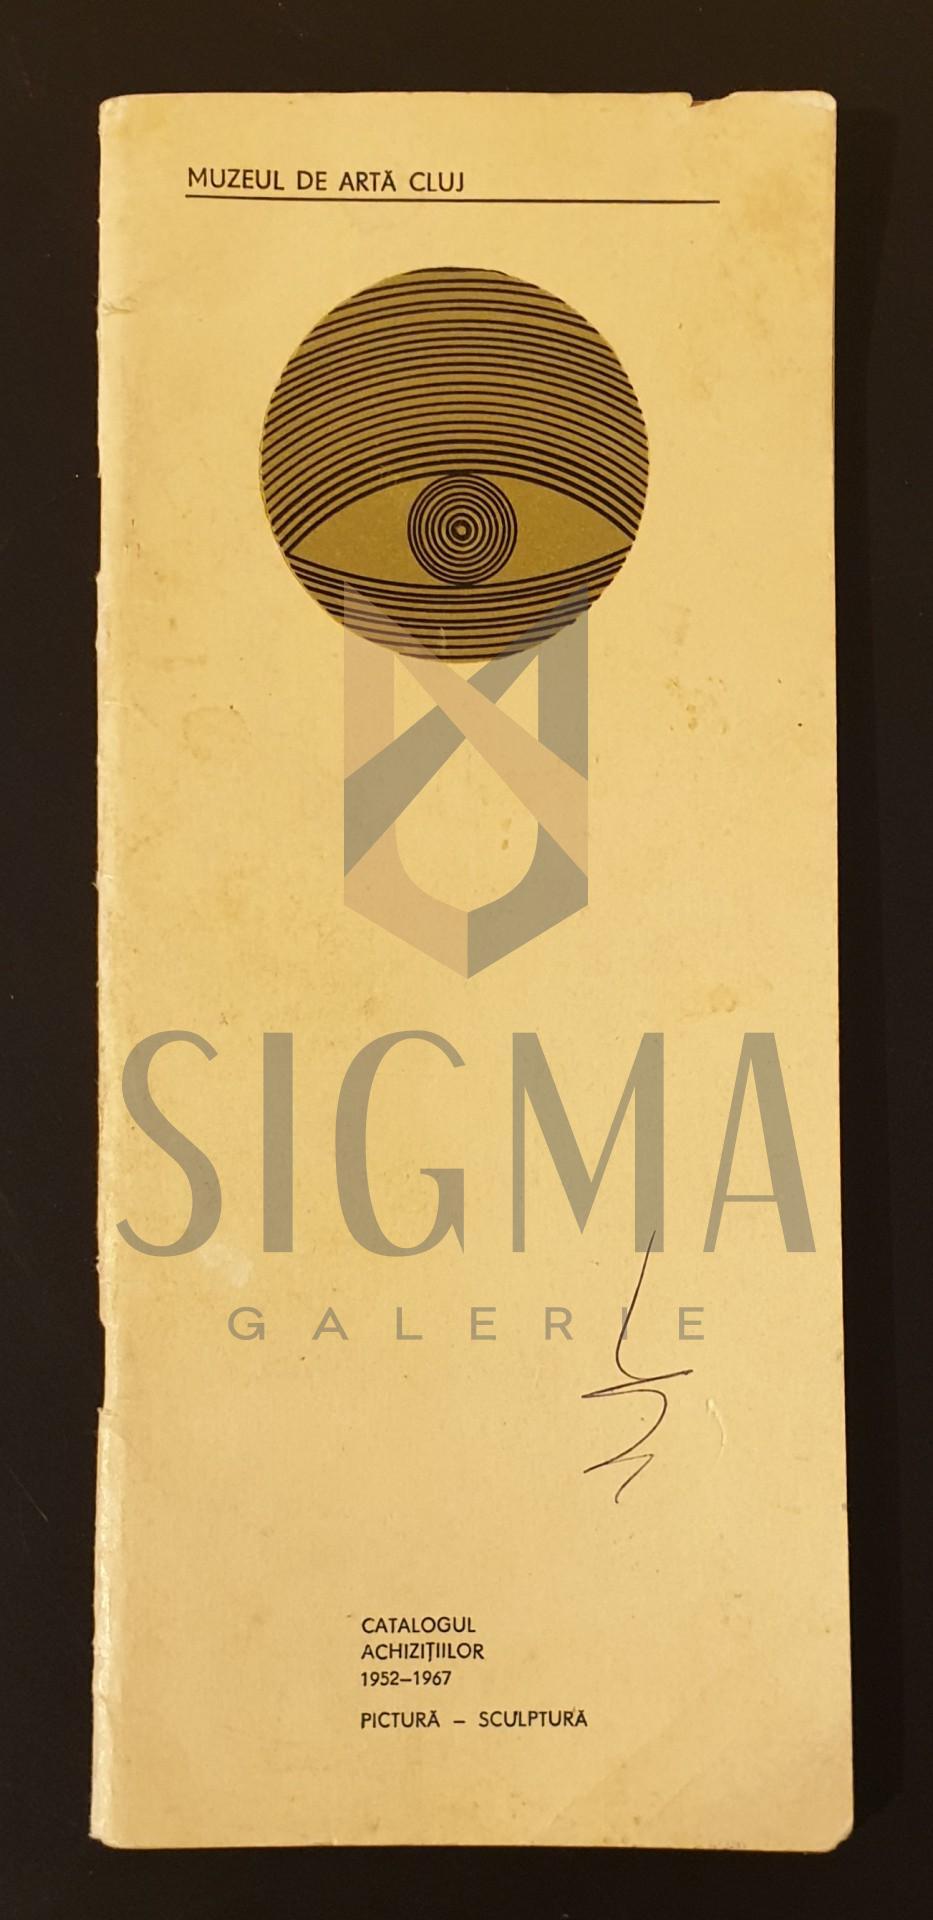 Catalogul achizitiilor 1952-1967, pictura-sculptura